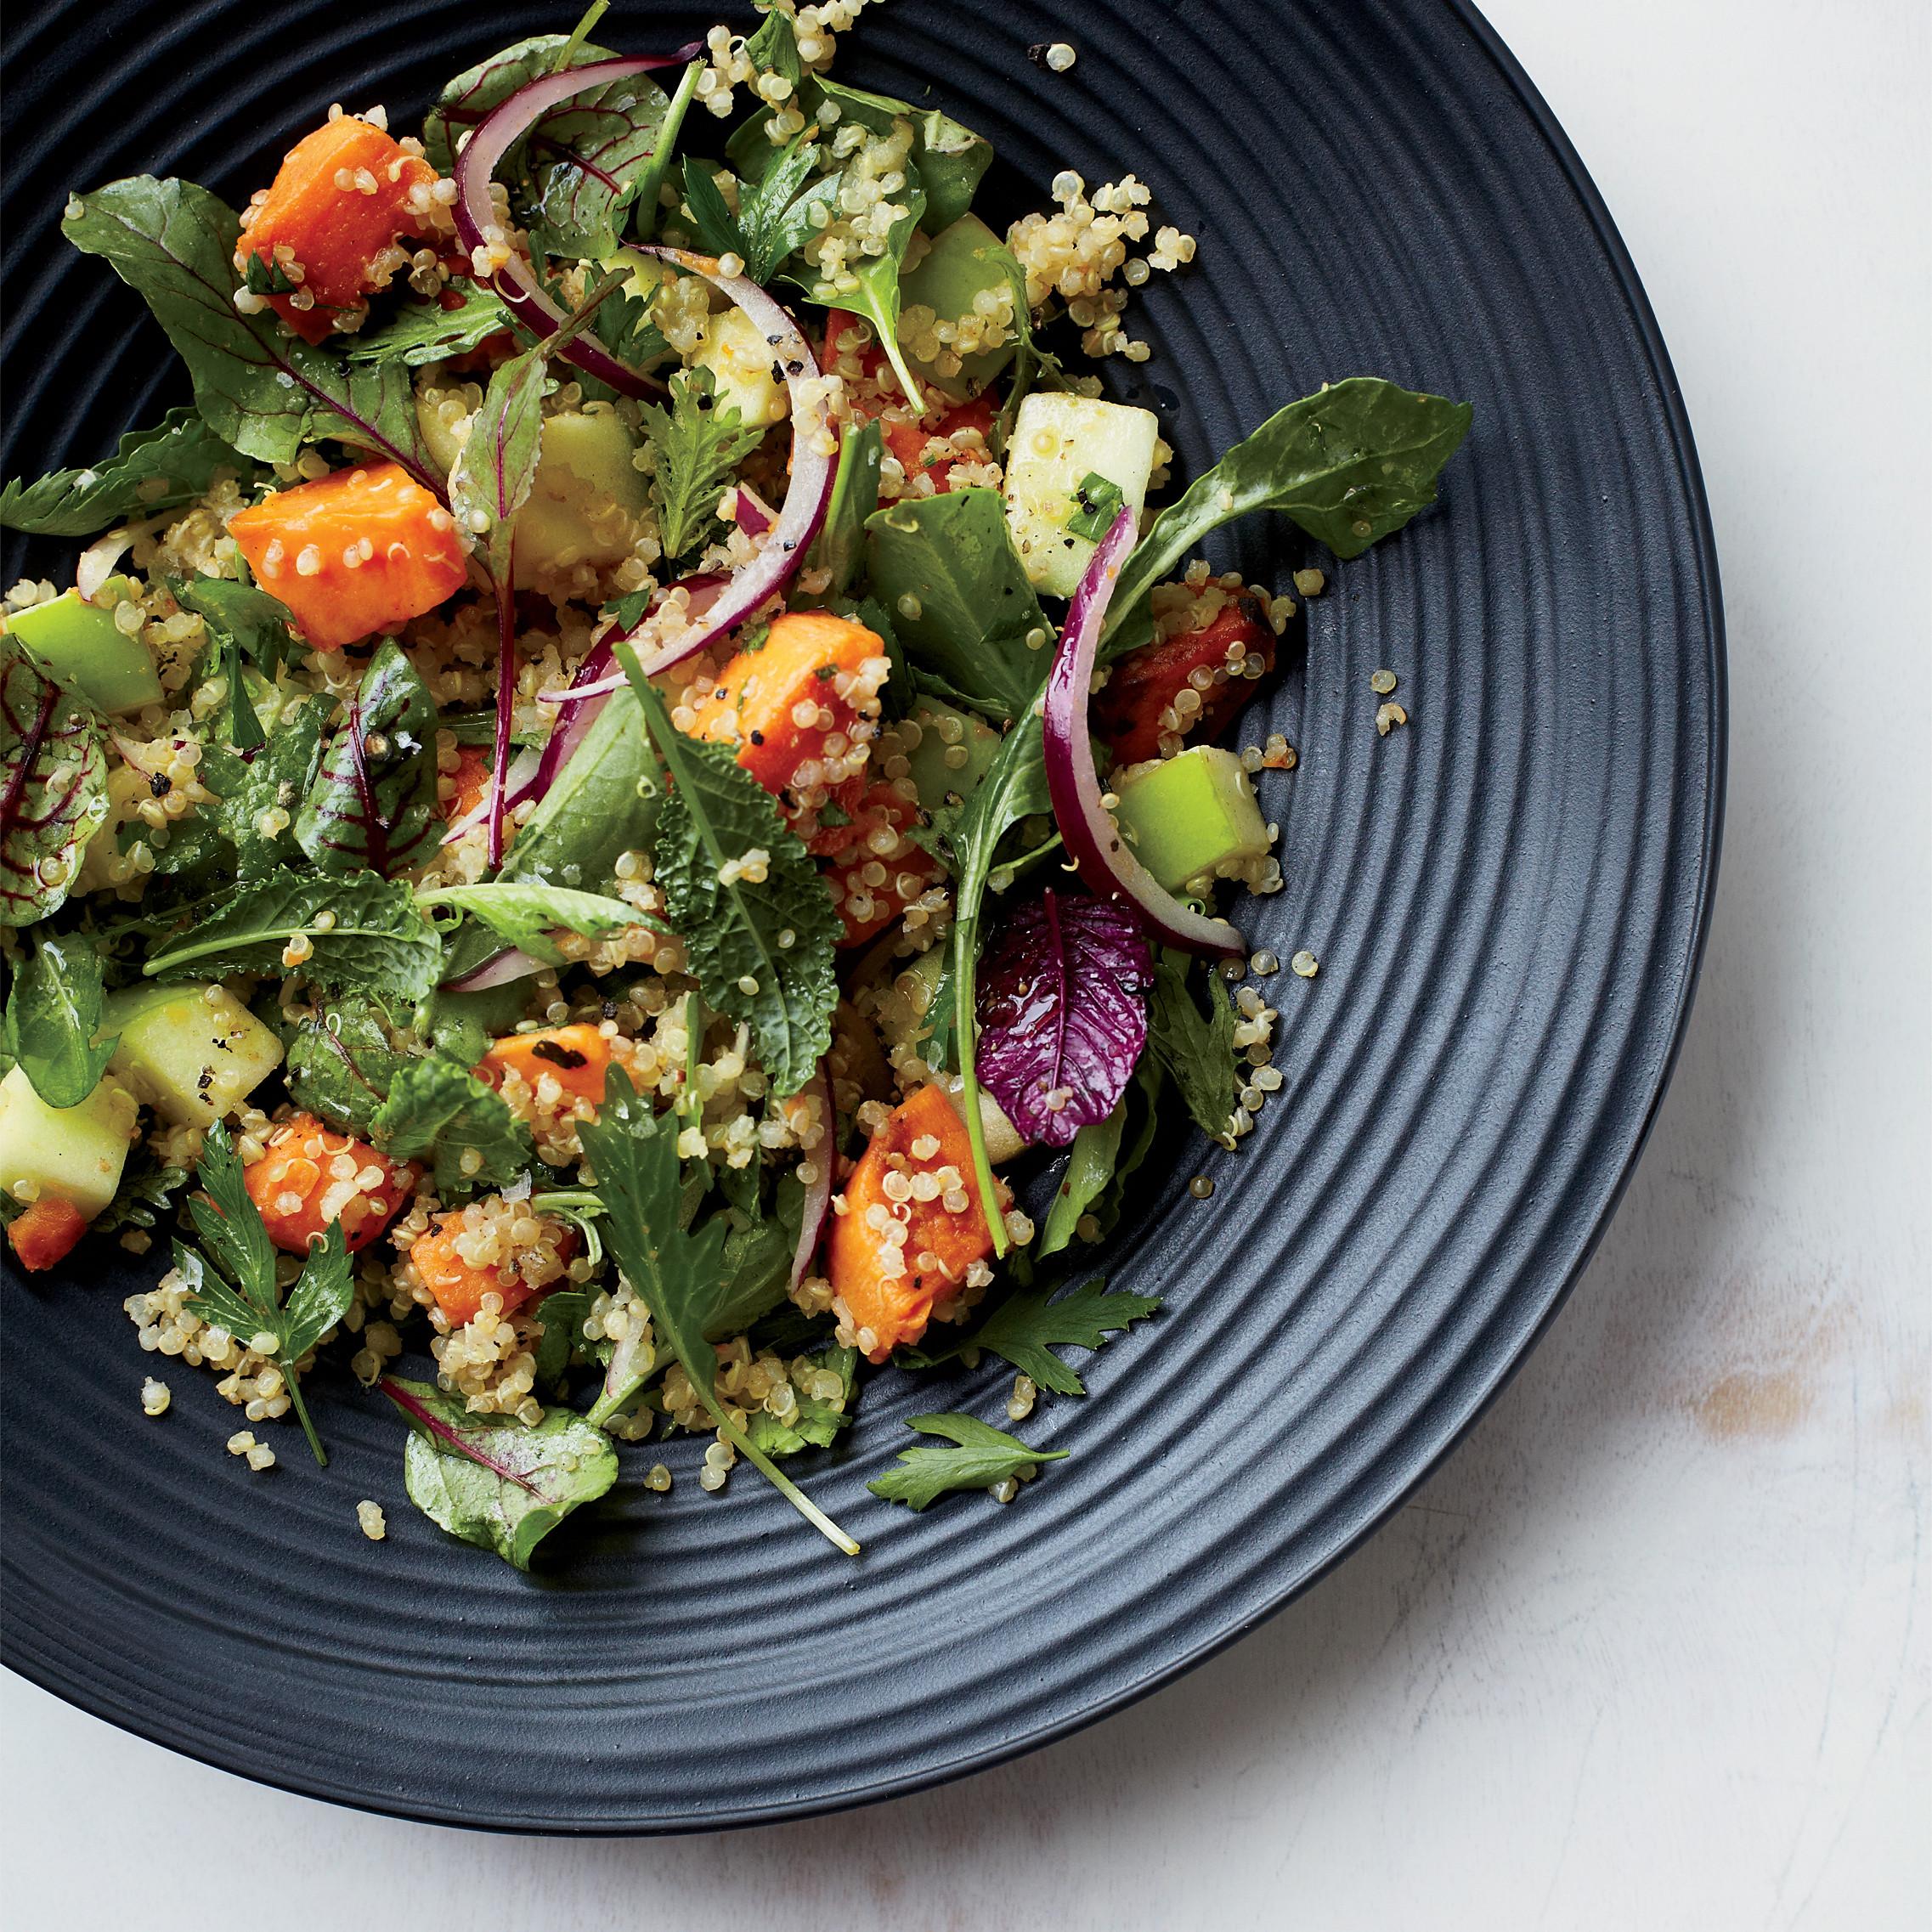 Quinoa Recipes Salad  Quinoa Salad with Sweet Potatoes and Apples Recipe Grace